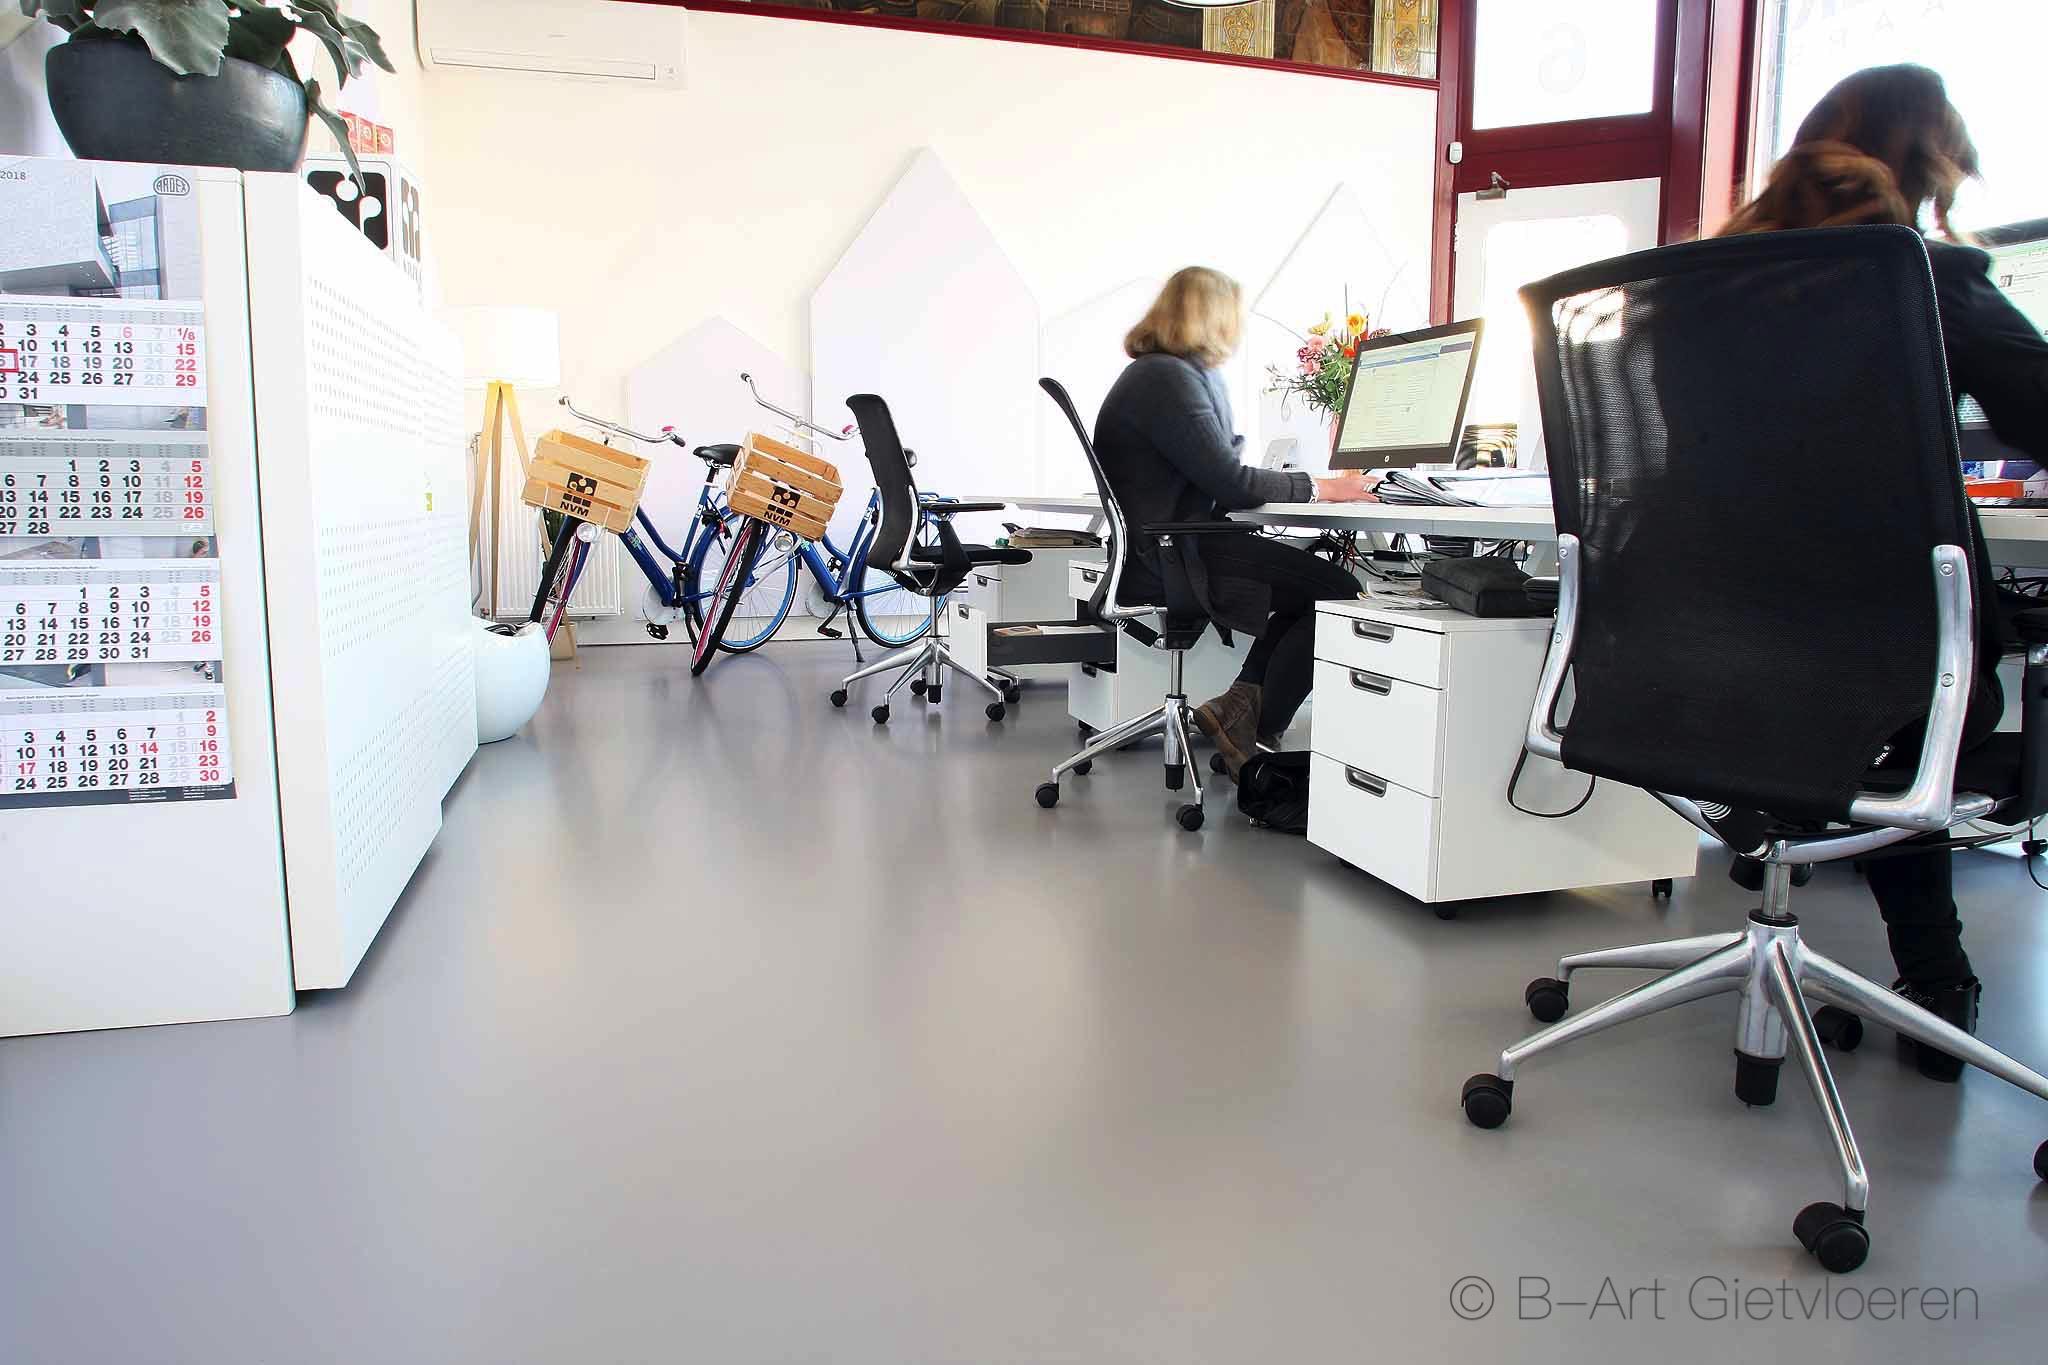 Mono Art gietvloer | polyurethaan | Verbeek Makelaars Nijmegen